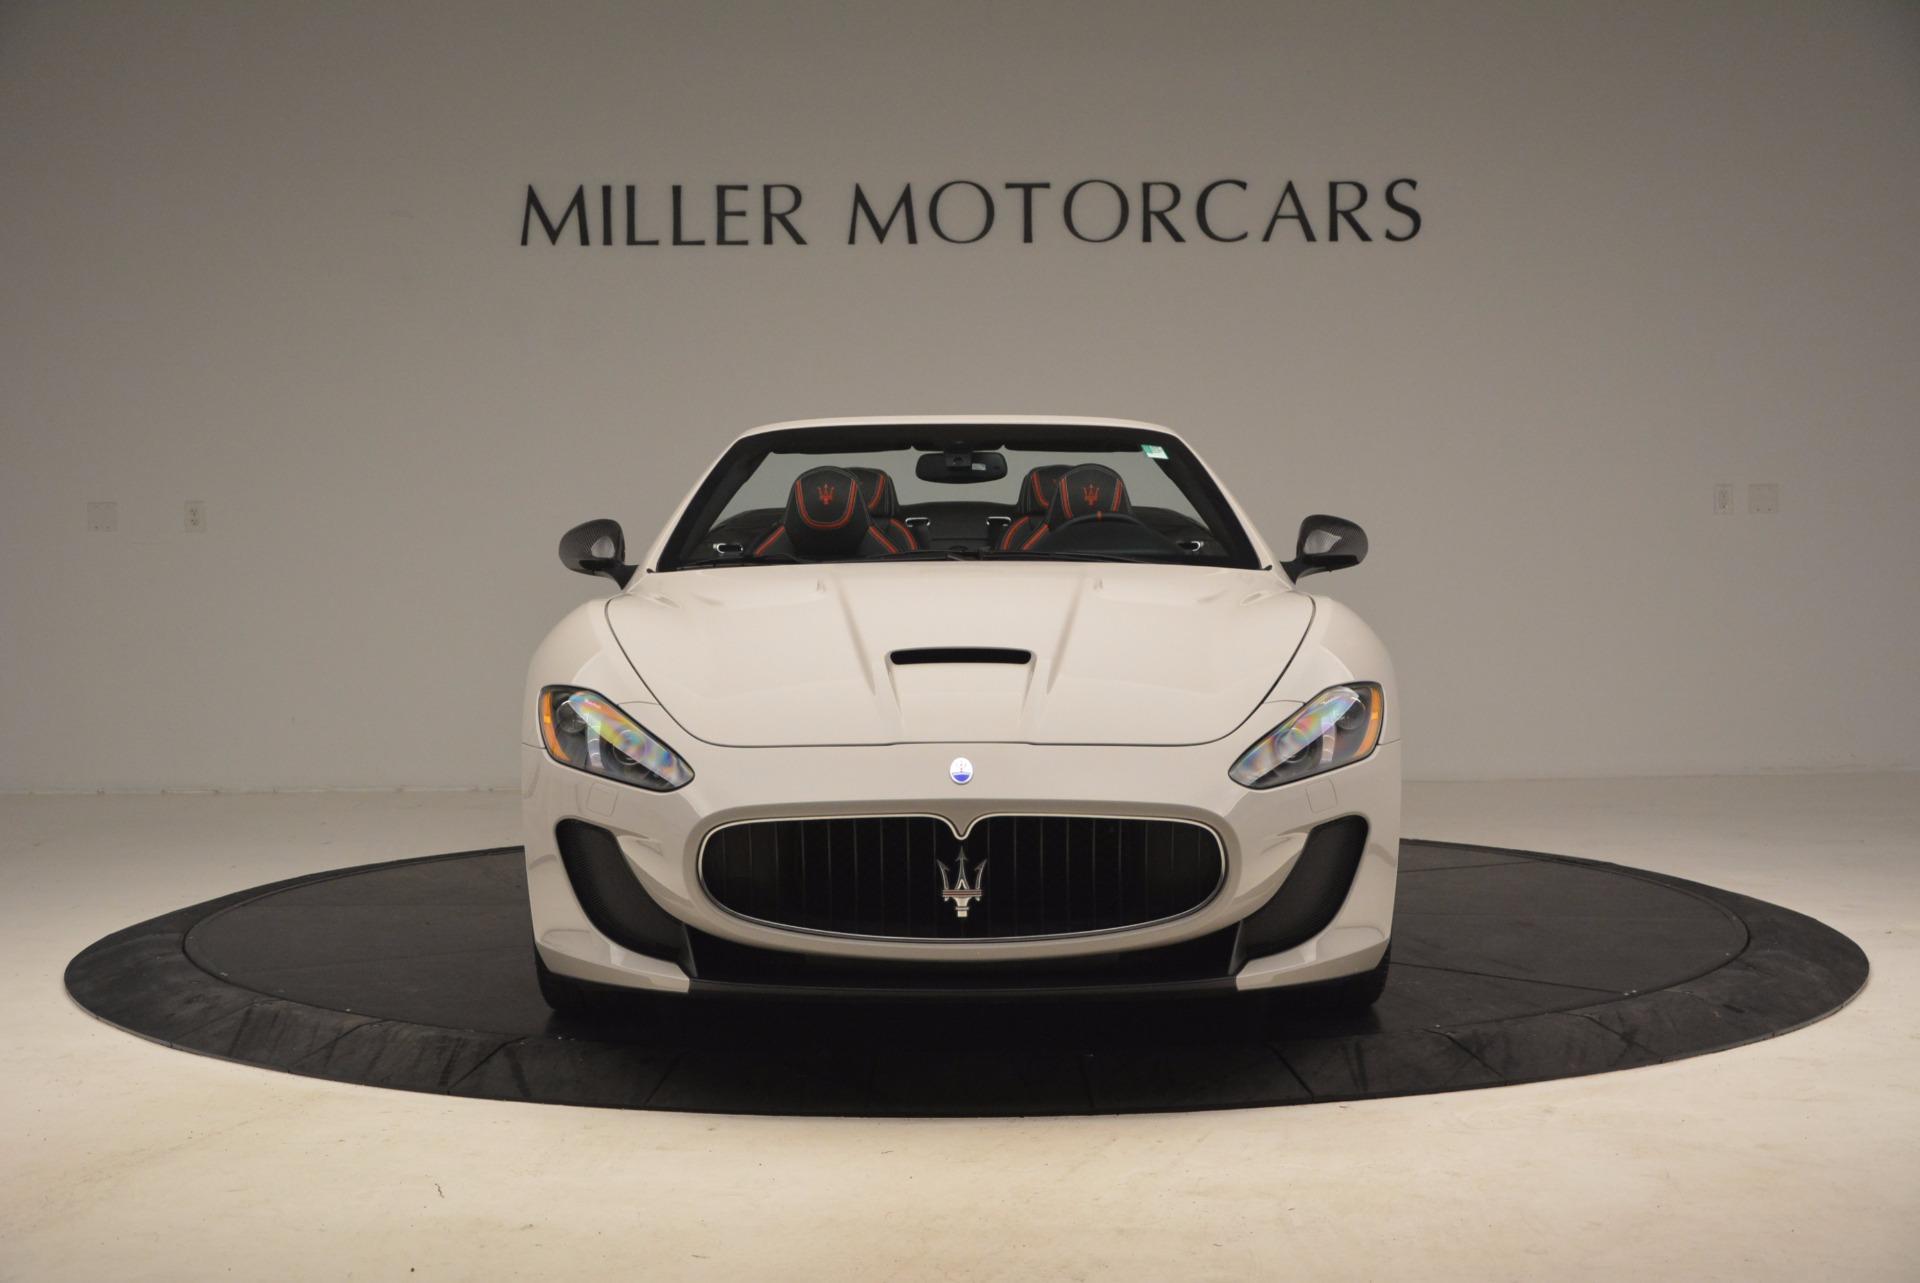 Used 2015 Maserati GranTurismo MC Centennial For Sale In Greenwich, CT 1107_p12